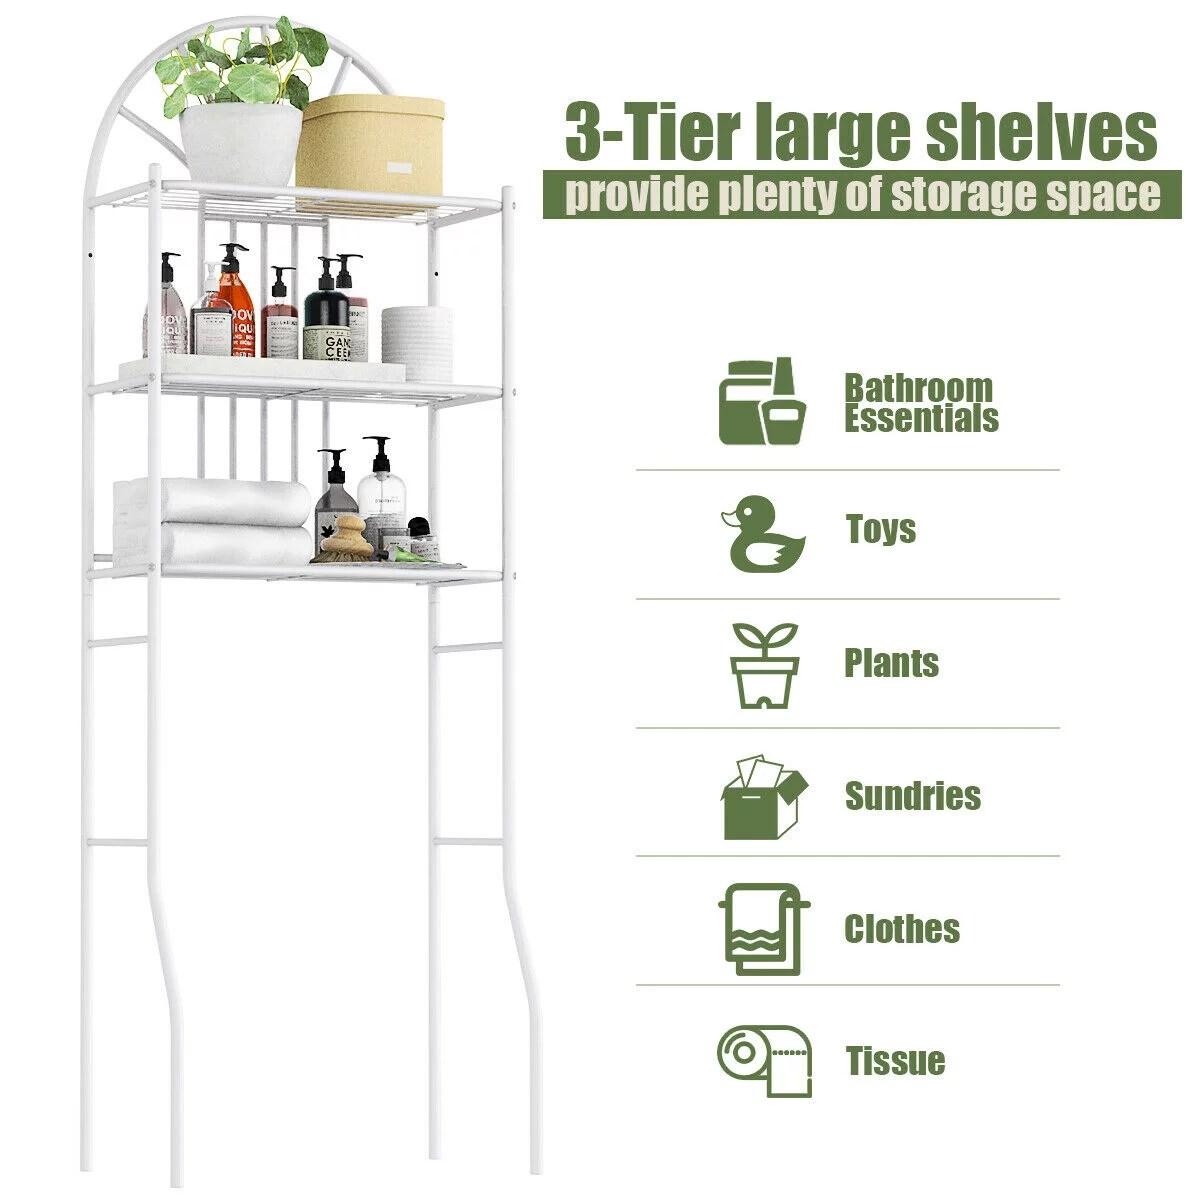 costway etagere pour toilette etagere wc meuble de rangement dessus wc salle de bains lave linge 3 tablettes etageres en metal blanc 59 x 37 x 173 cm